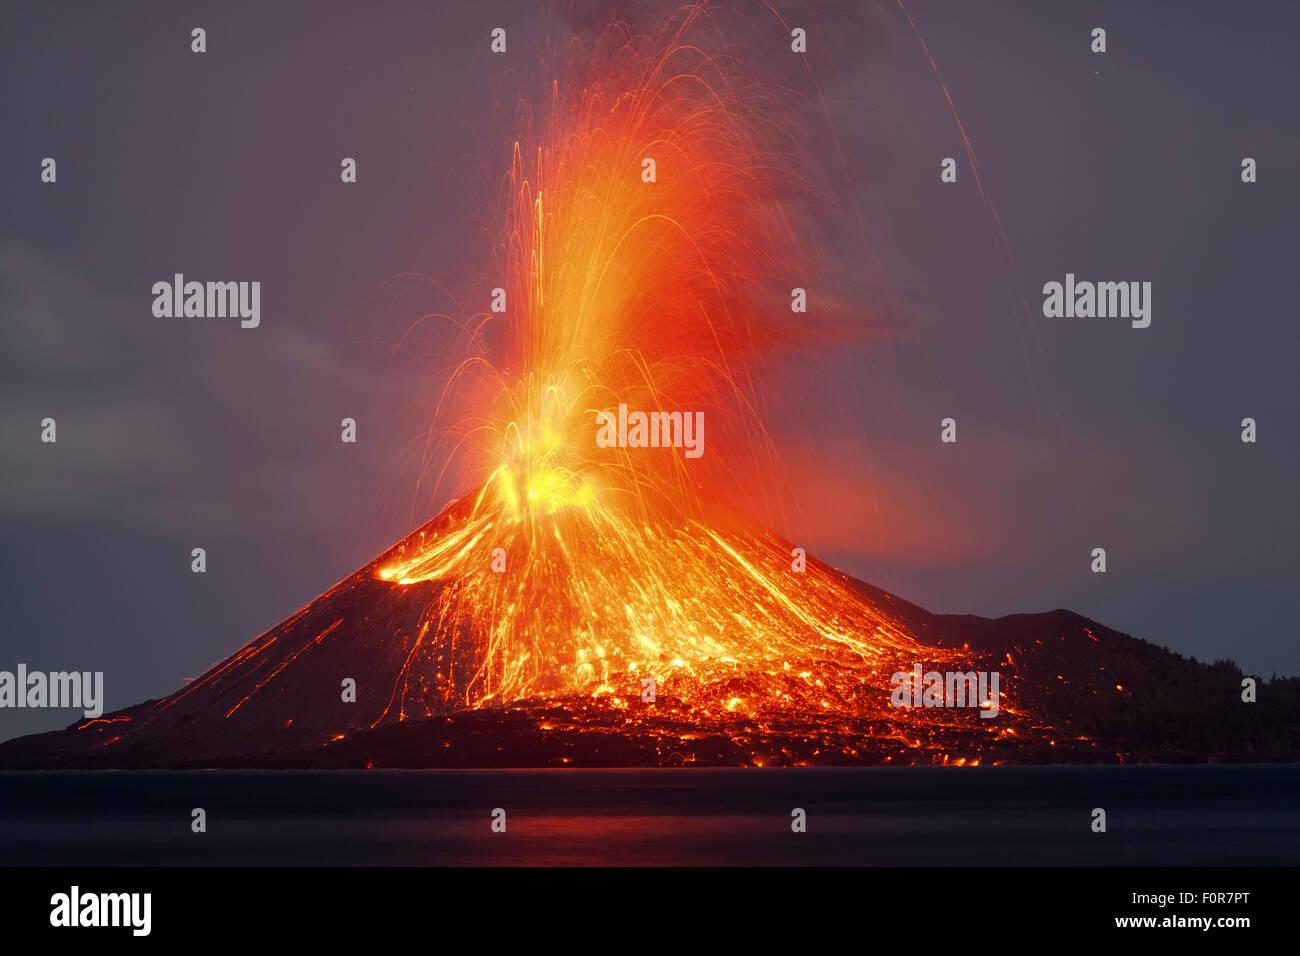 Powerful volcanic night-time eruption from Anak Krakatau volcano, Sunda Strait, Indonesia Stock Photo